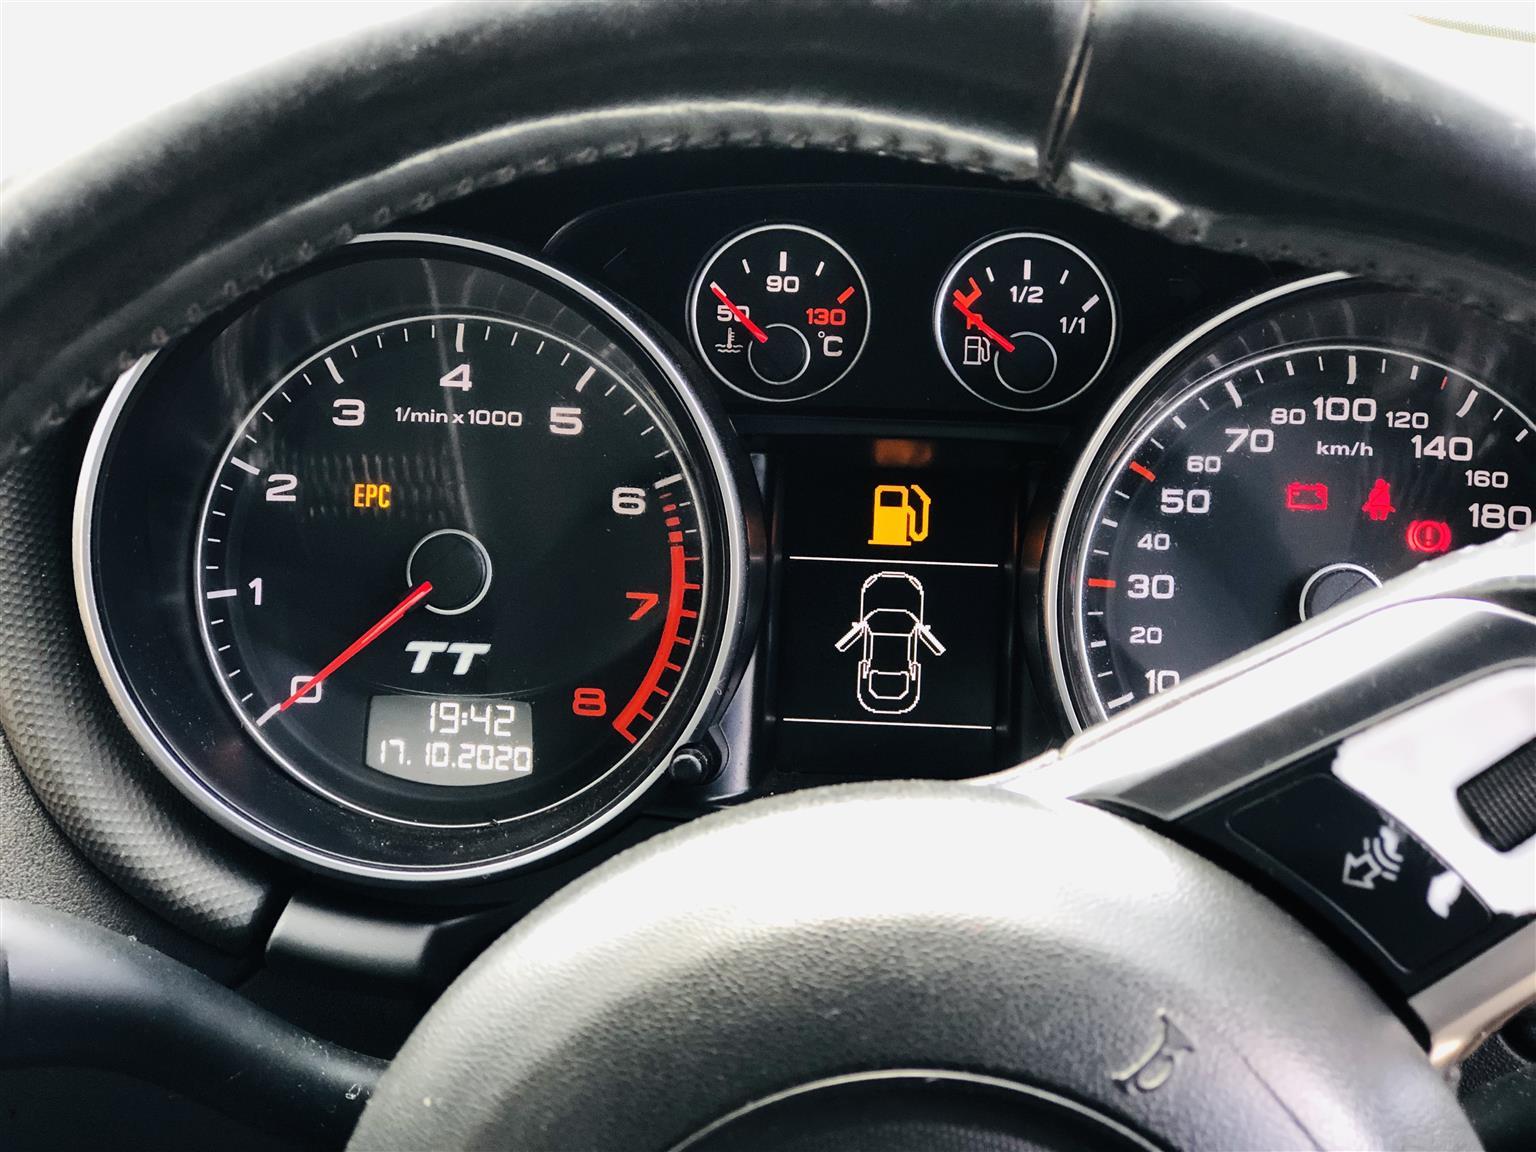 2009 Audi TT roadster 2.0T